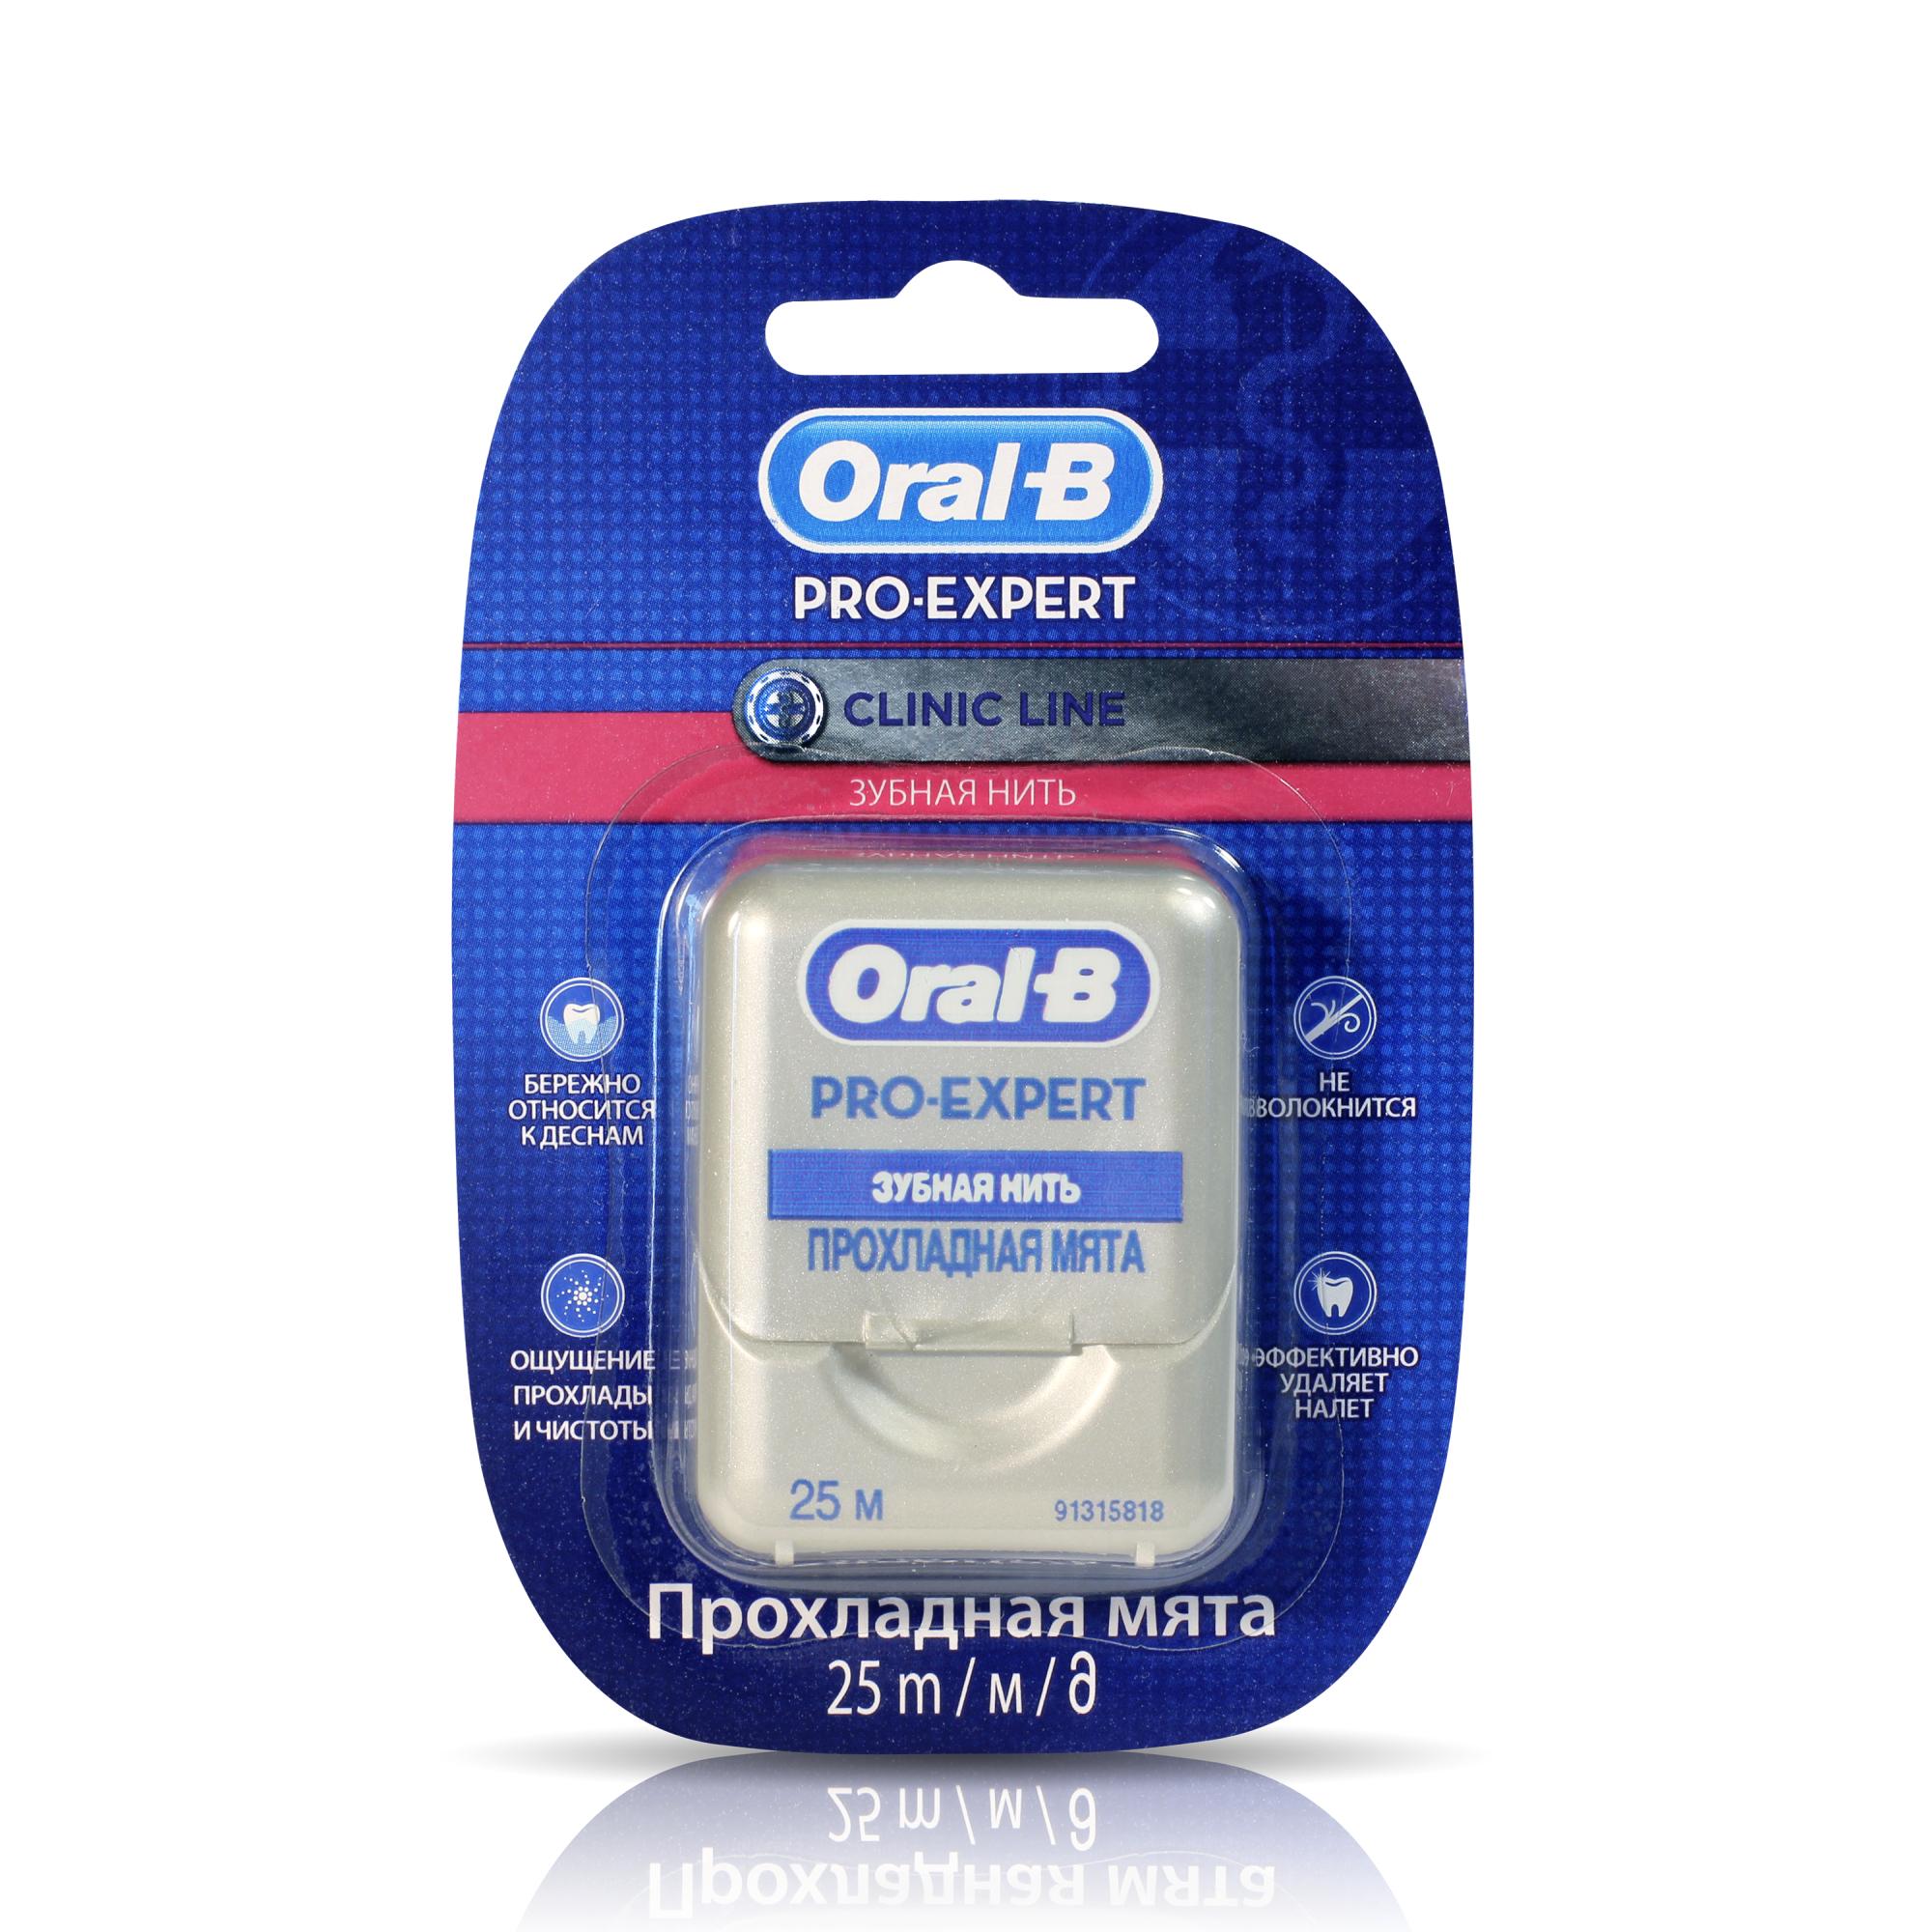 Фото - Зубная нить Oral-B Pro-Expert Clinic Line Прохладная мята 25 м зубная нить oral b essential мятная 50m 3014260280772